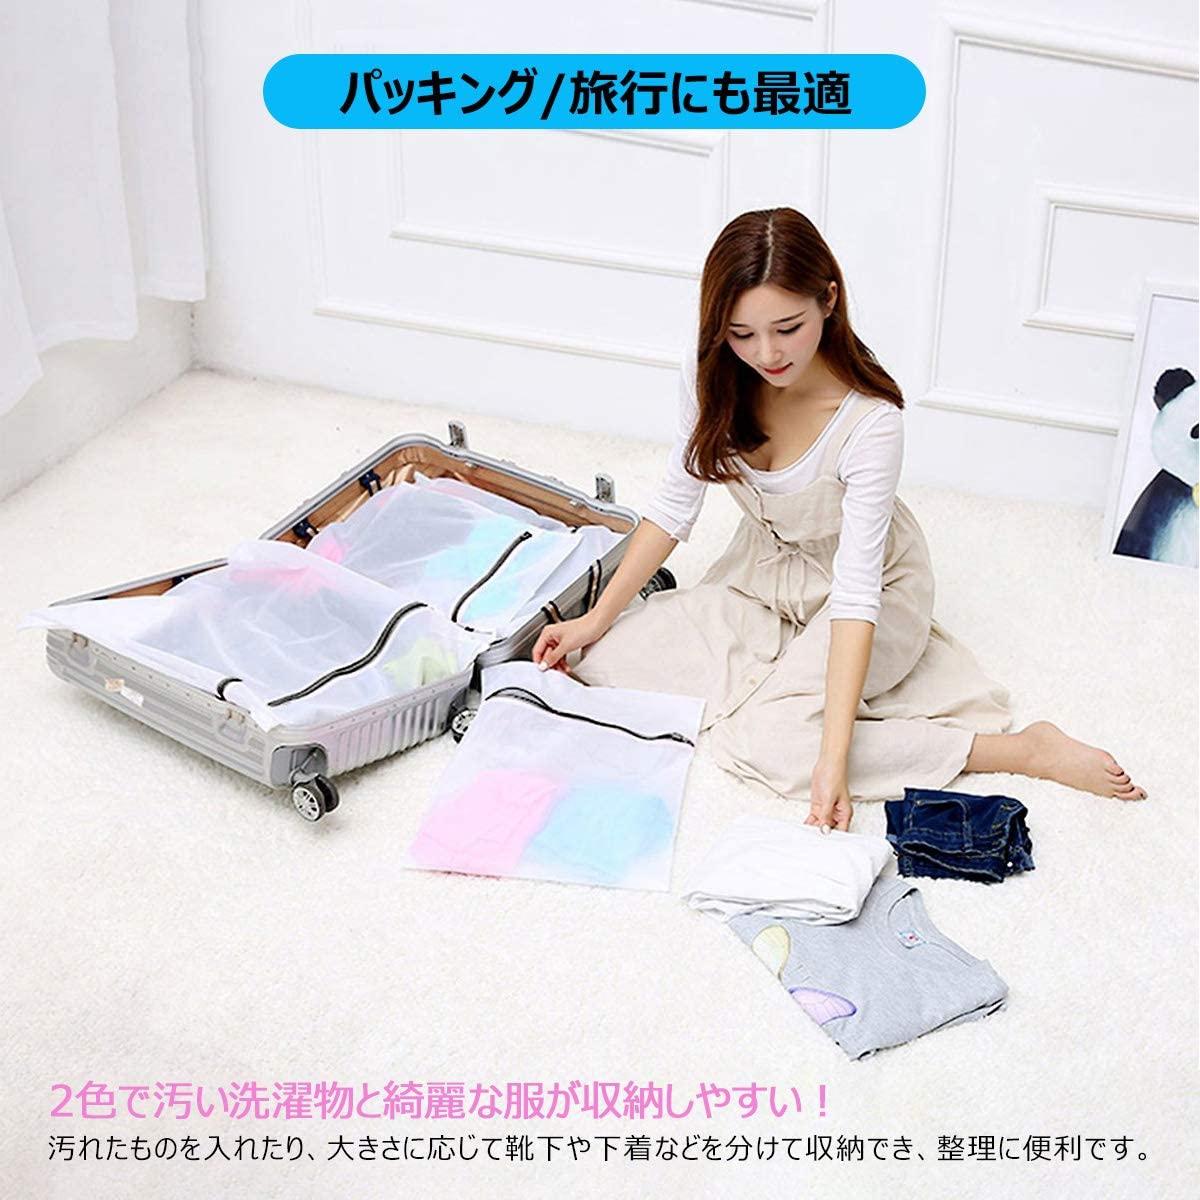 GLAMOURIC(グラモリック) GLAMOURIC 洗濯ネット ランドリーネット 洗濯袋 6枚入セット 2個洗濯ボール付きの商品画像6